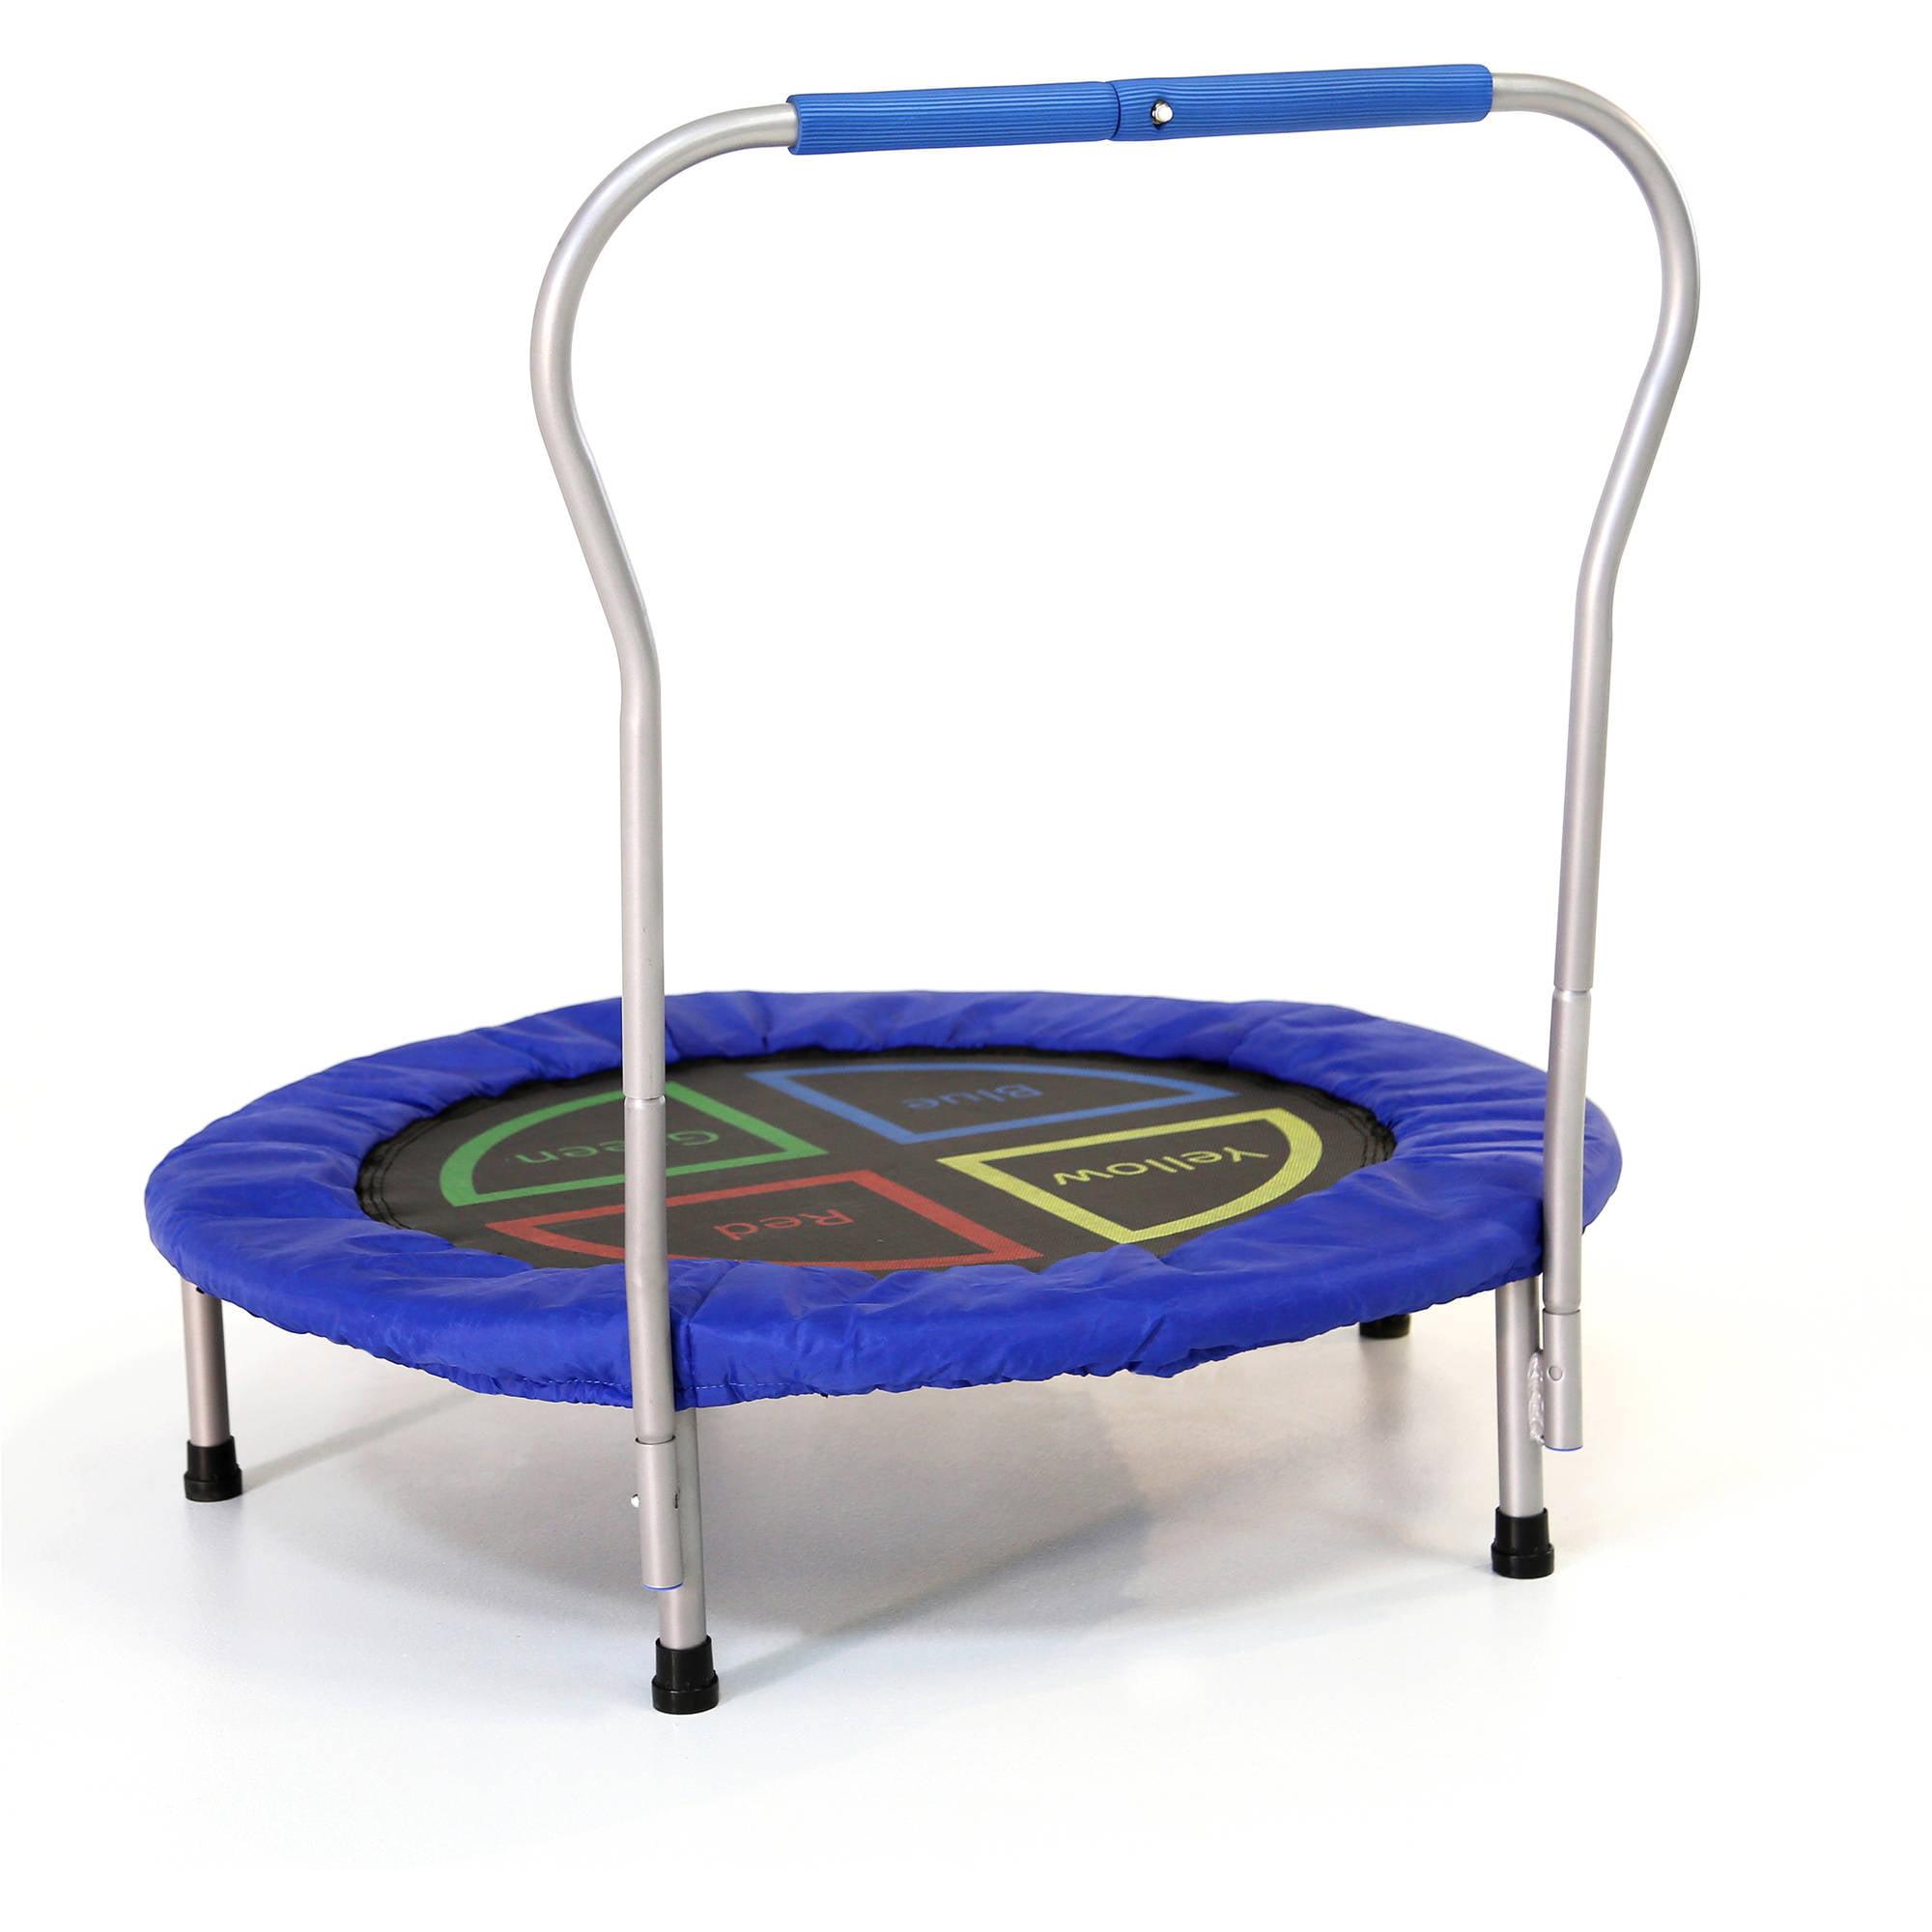 Bounce n learn interactive kids trampoline by skywalker 38 for Skywalker trampoline